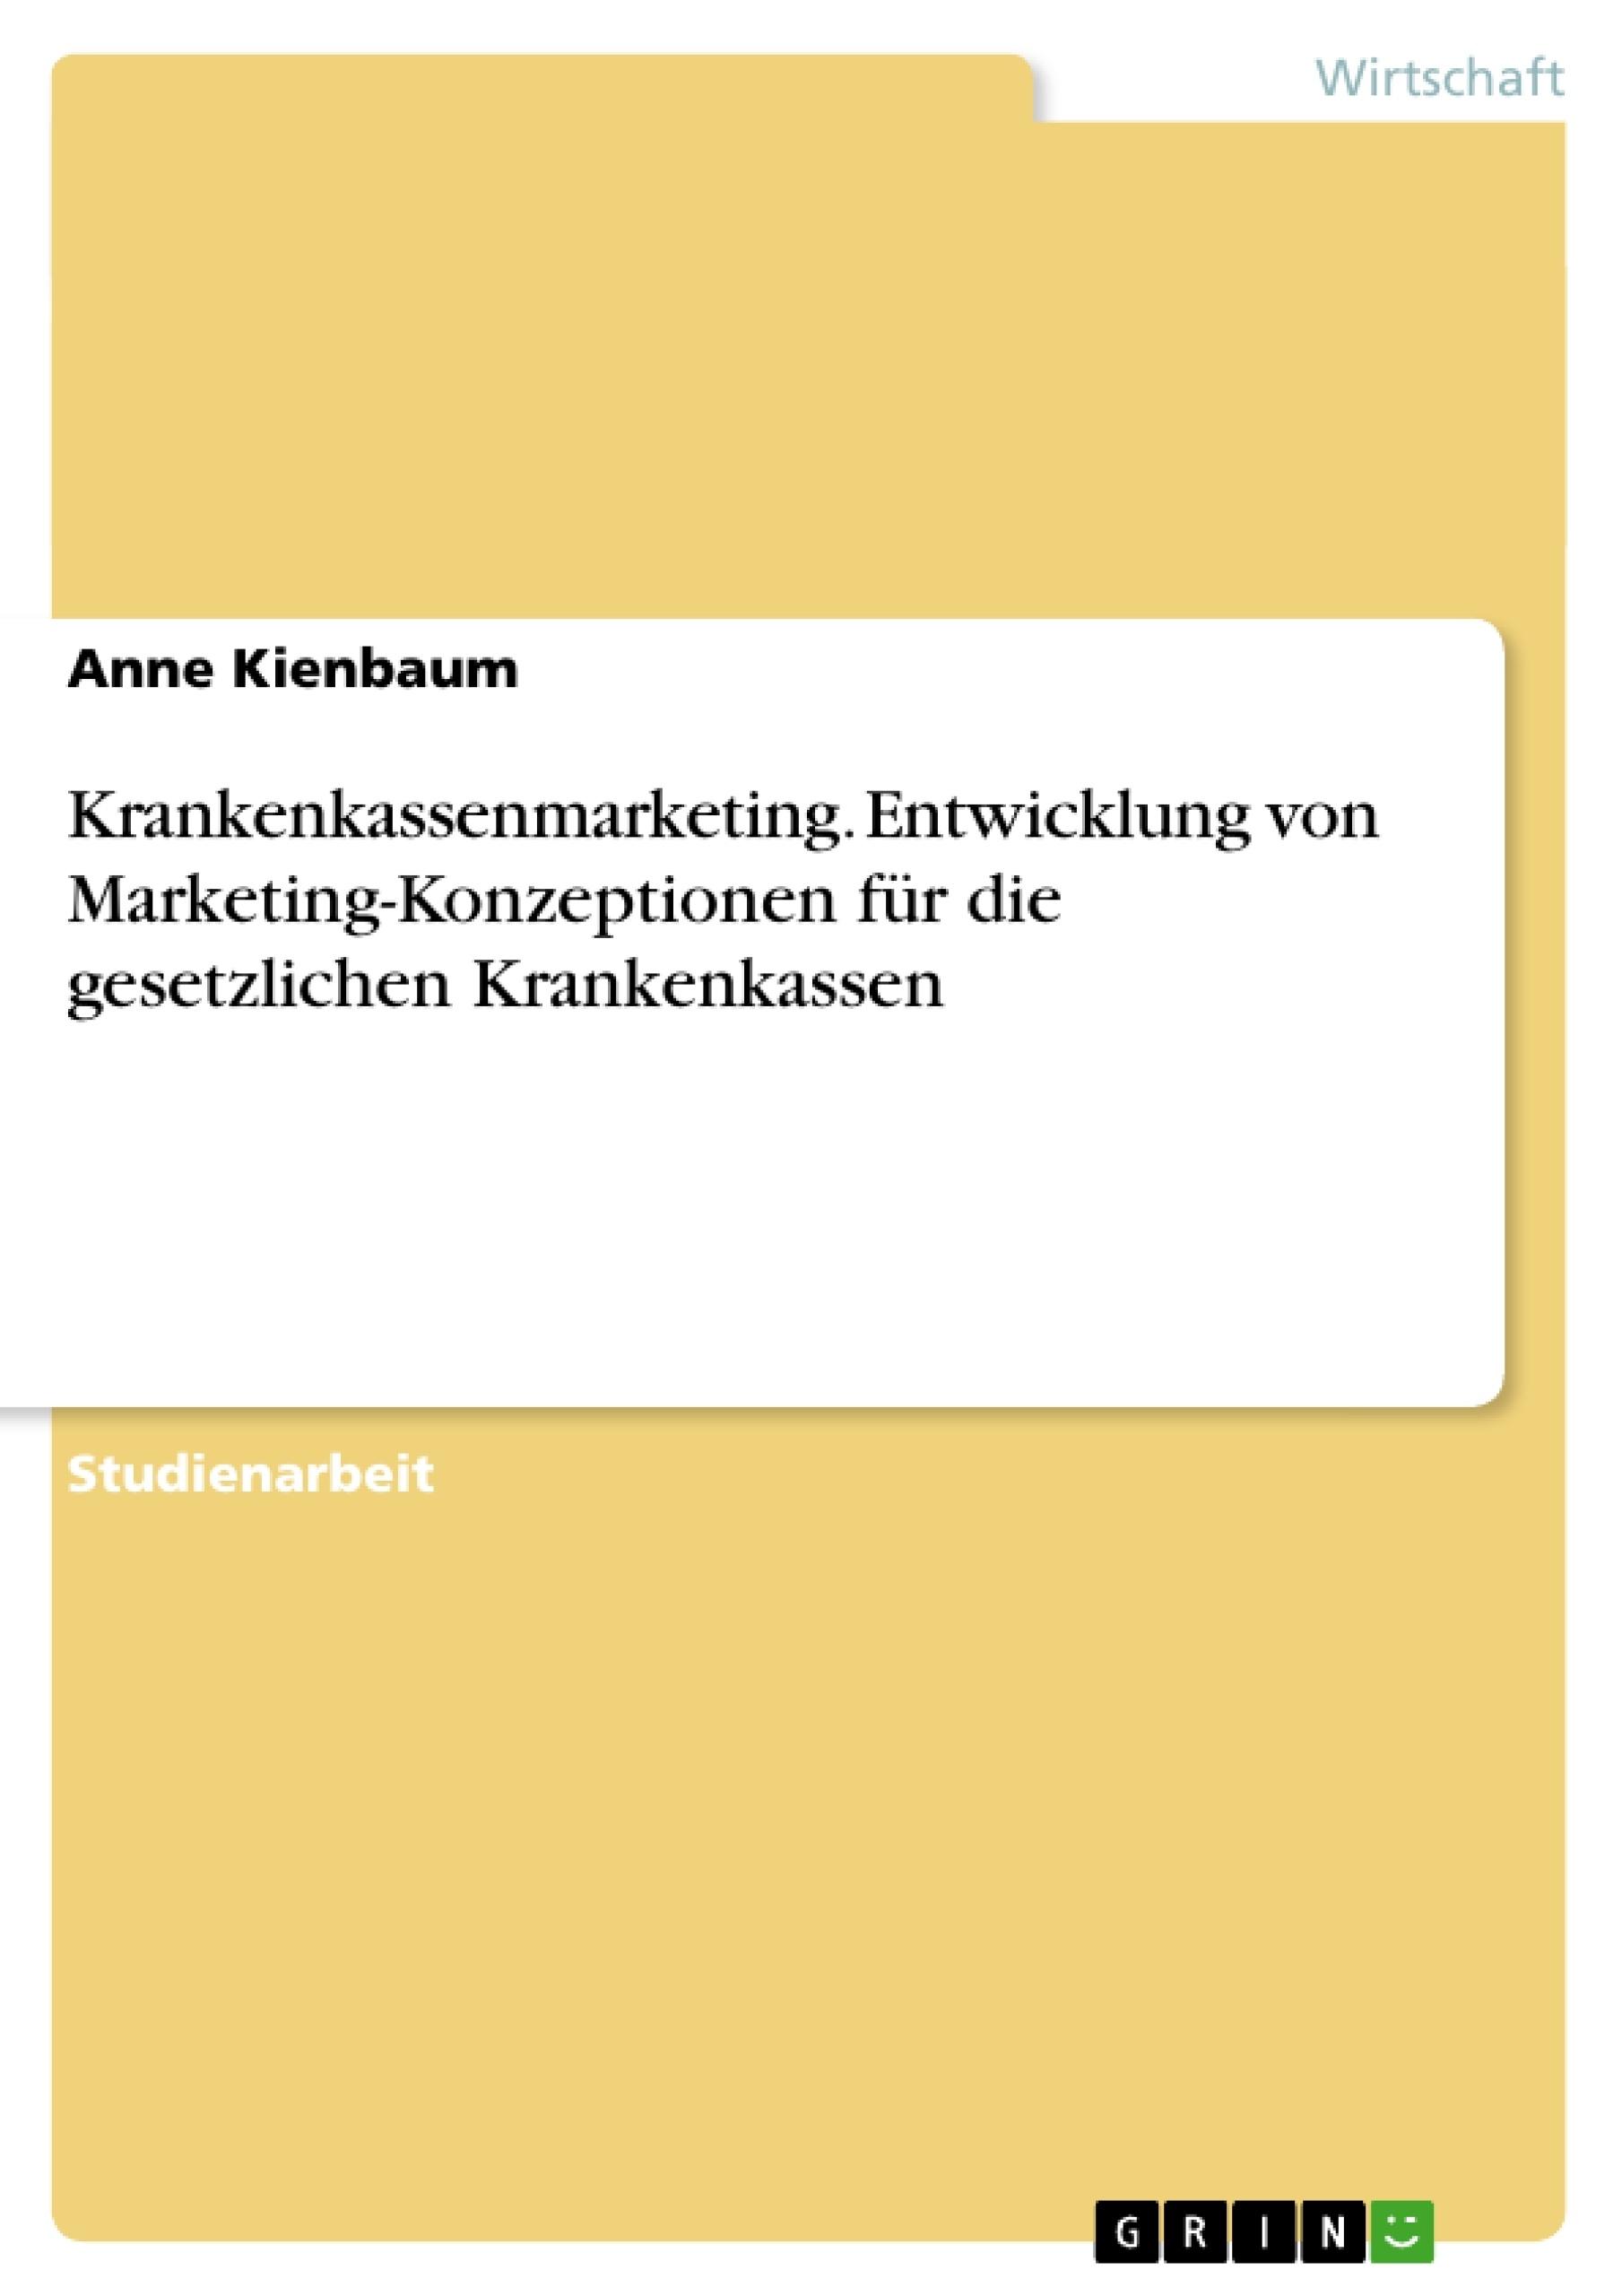 Titel: Krankenkassenmarketing. Entwicklung von Marketing-Konzeptionen für die gesetzlichen Krankenkassen